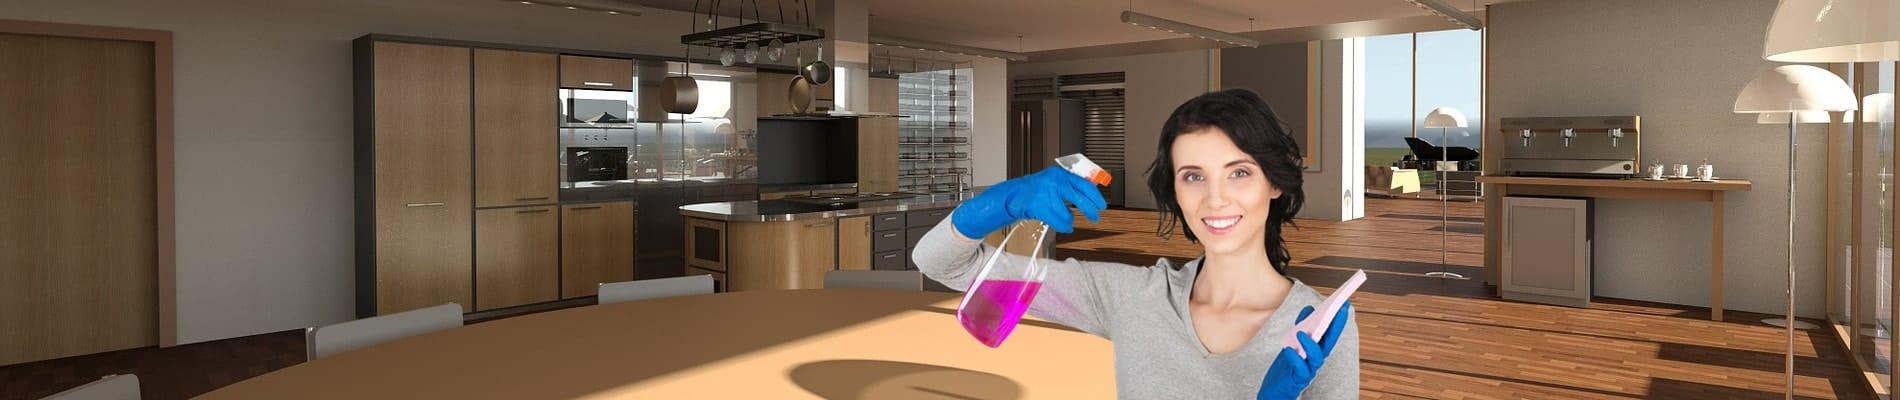 Nettoyege entreprises